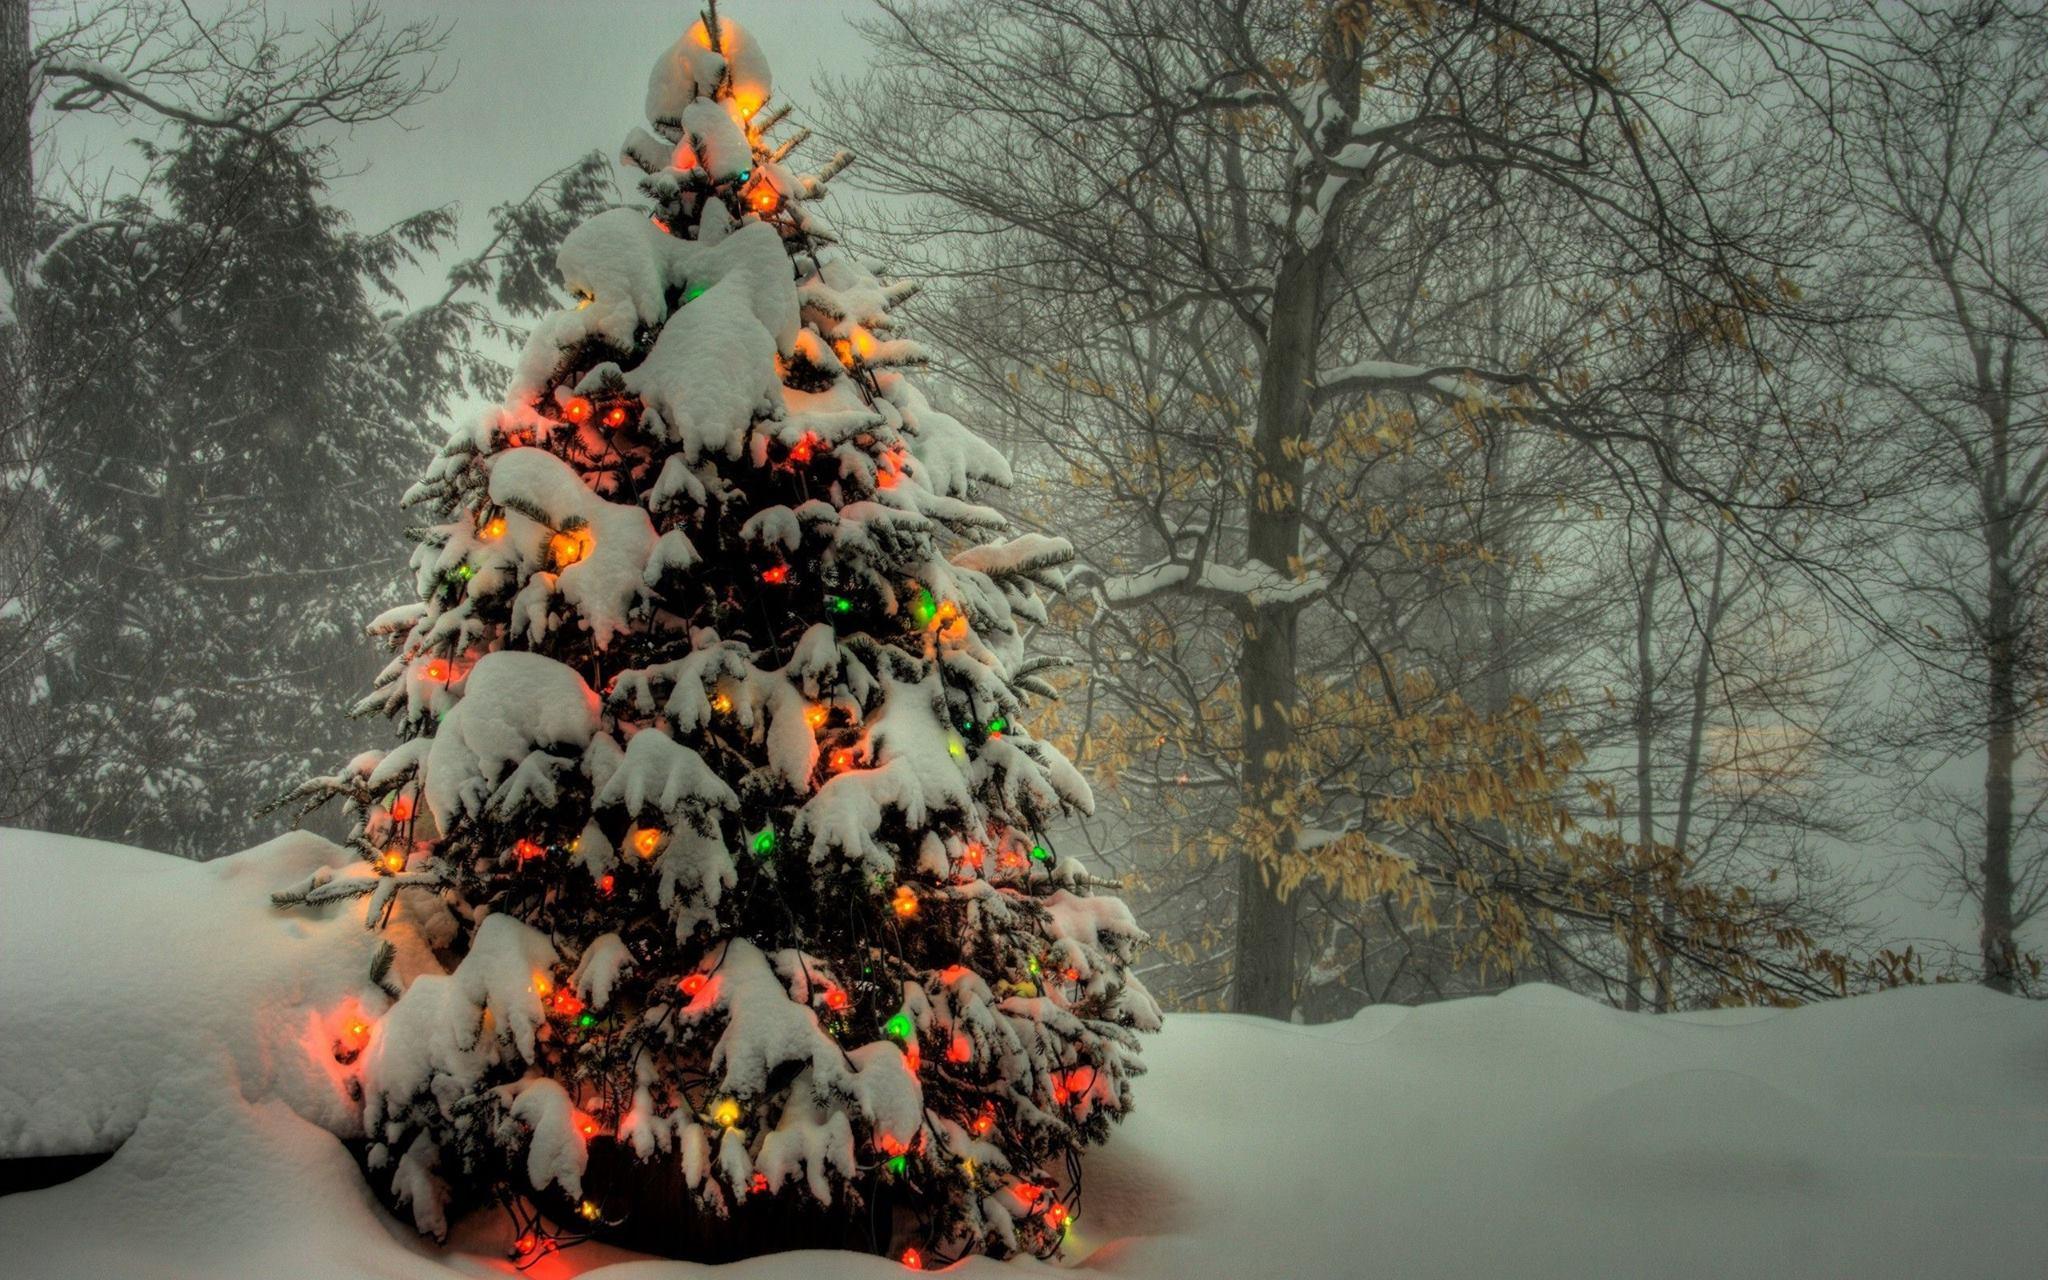 Fond Ecran Noel